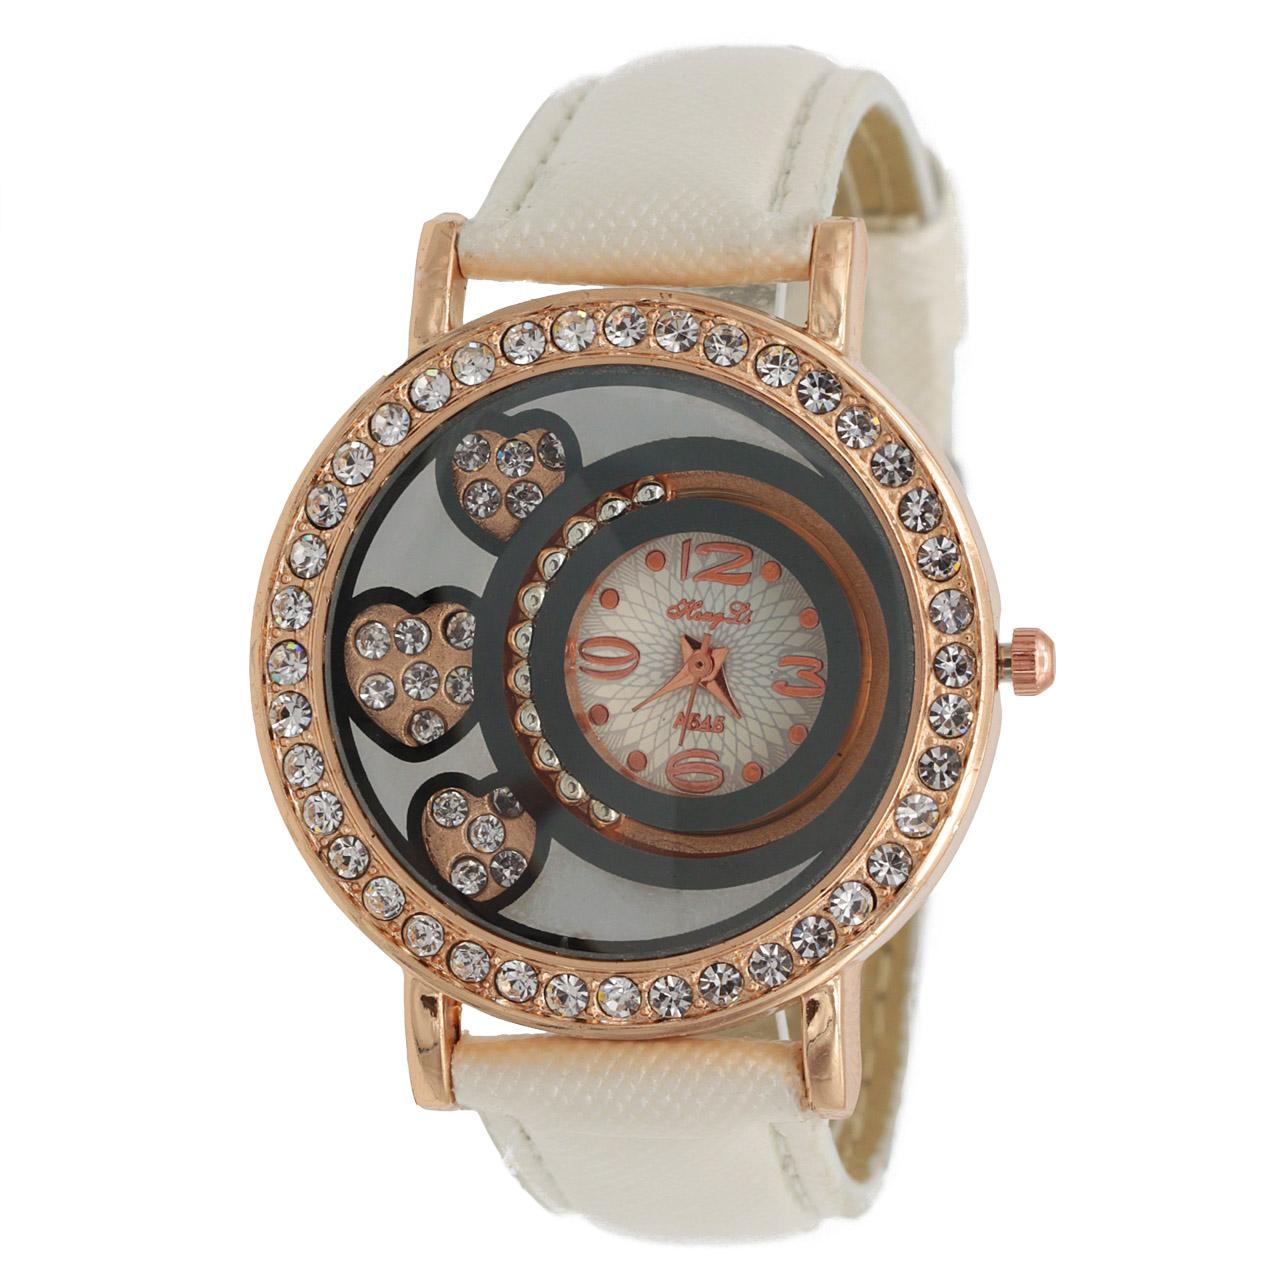 خرید ساعت مچی عقربه ای زنانه هانگ لی مدل H2000